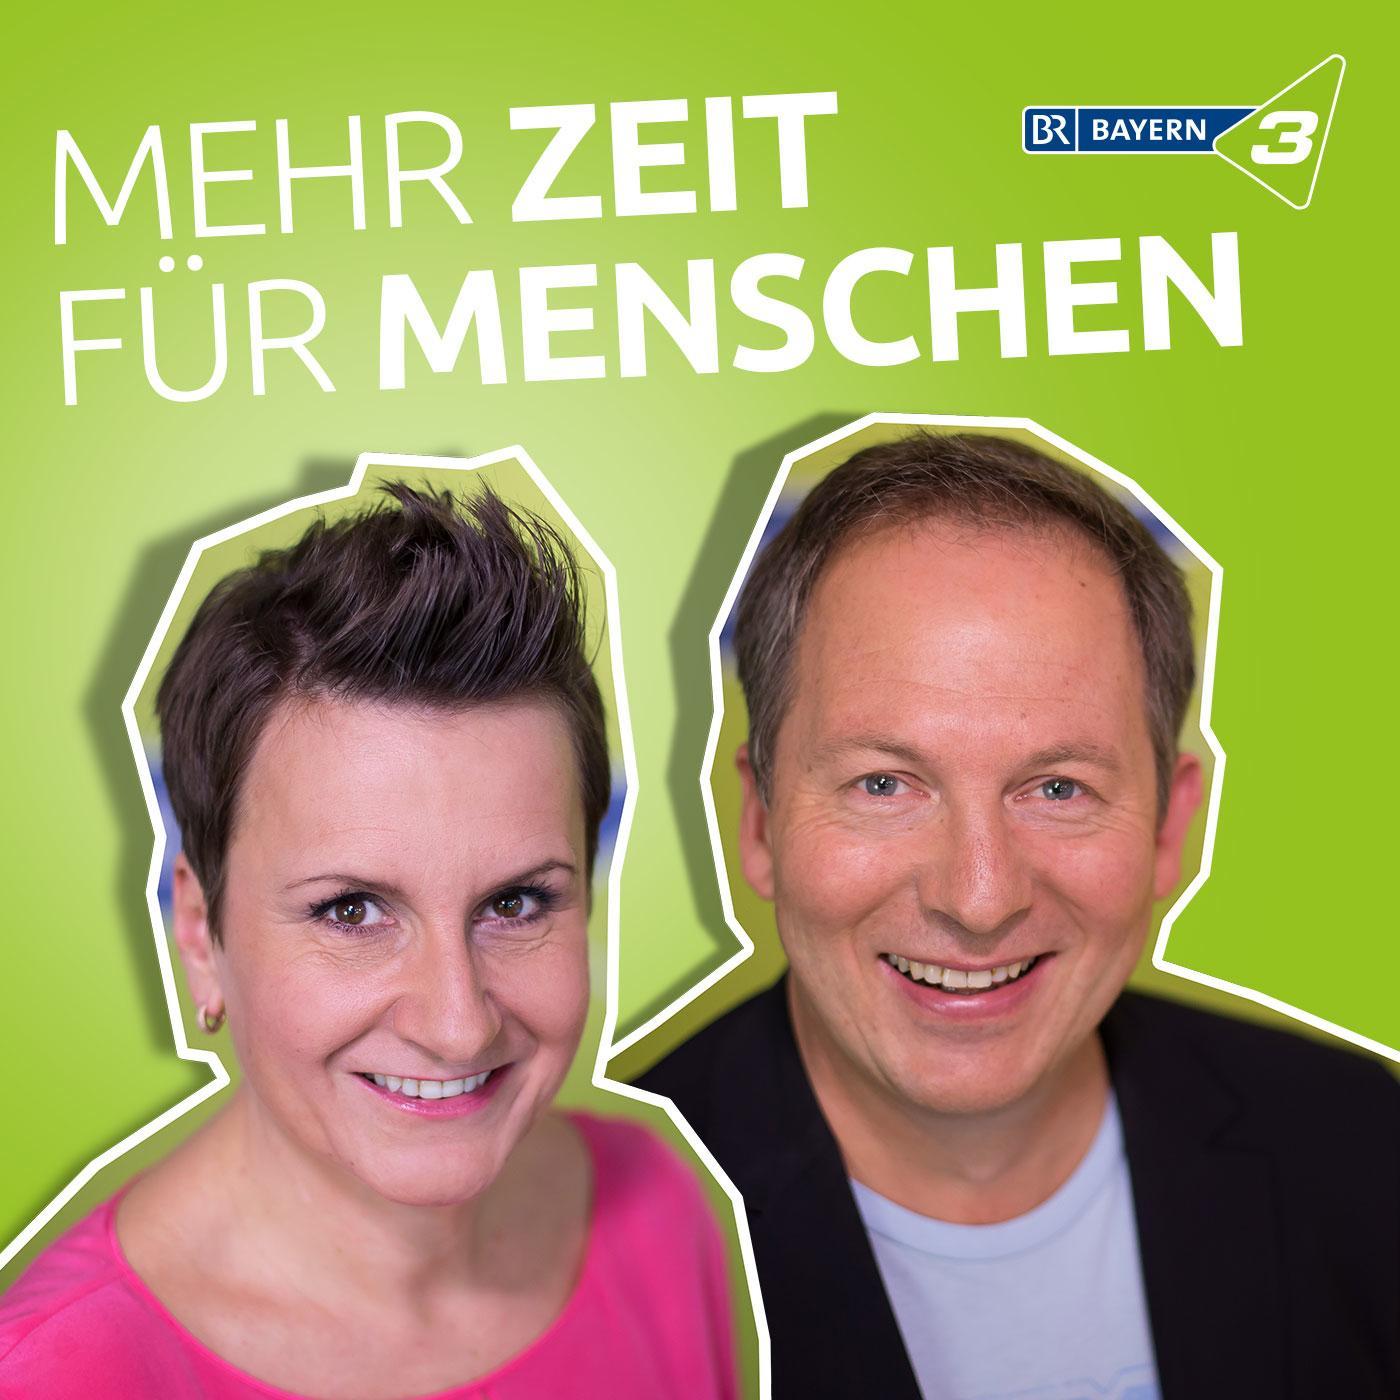 Mensch Otto Mensch Theile Von Bayerischer Rundfunk Auf Apple